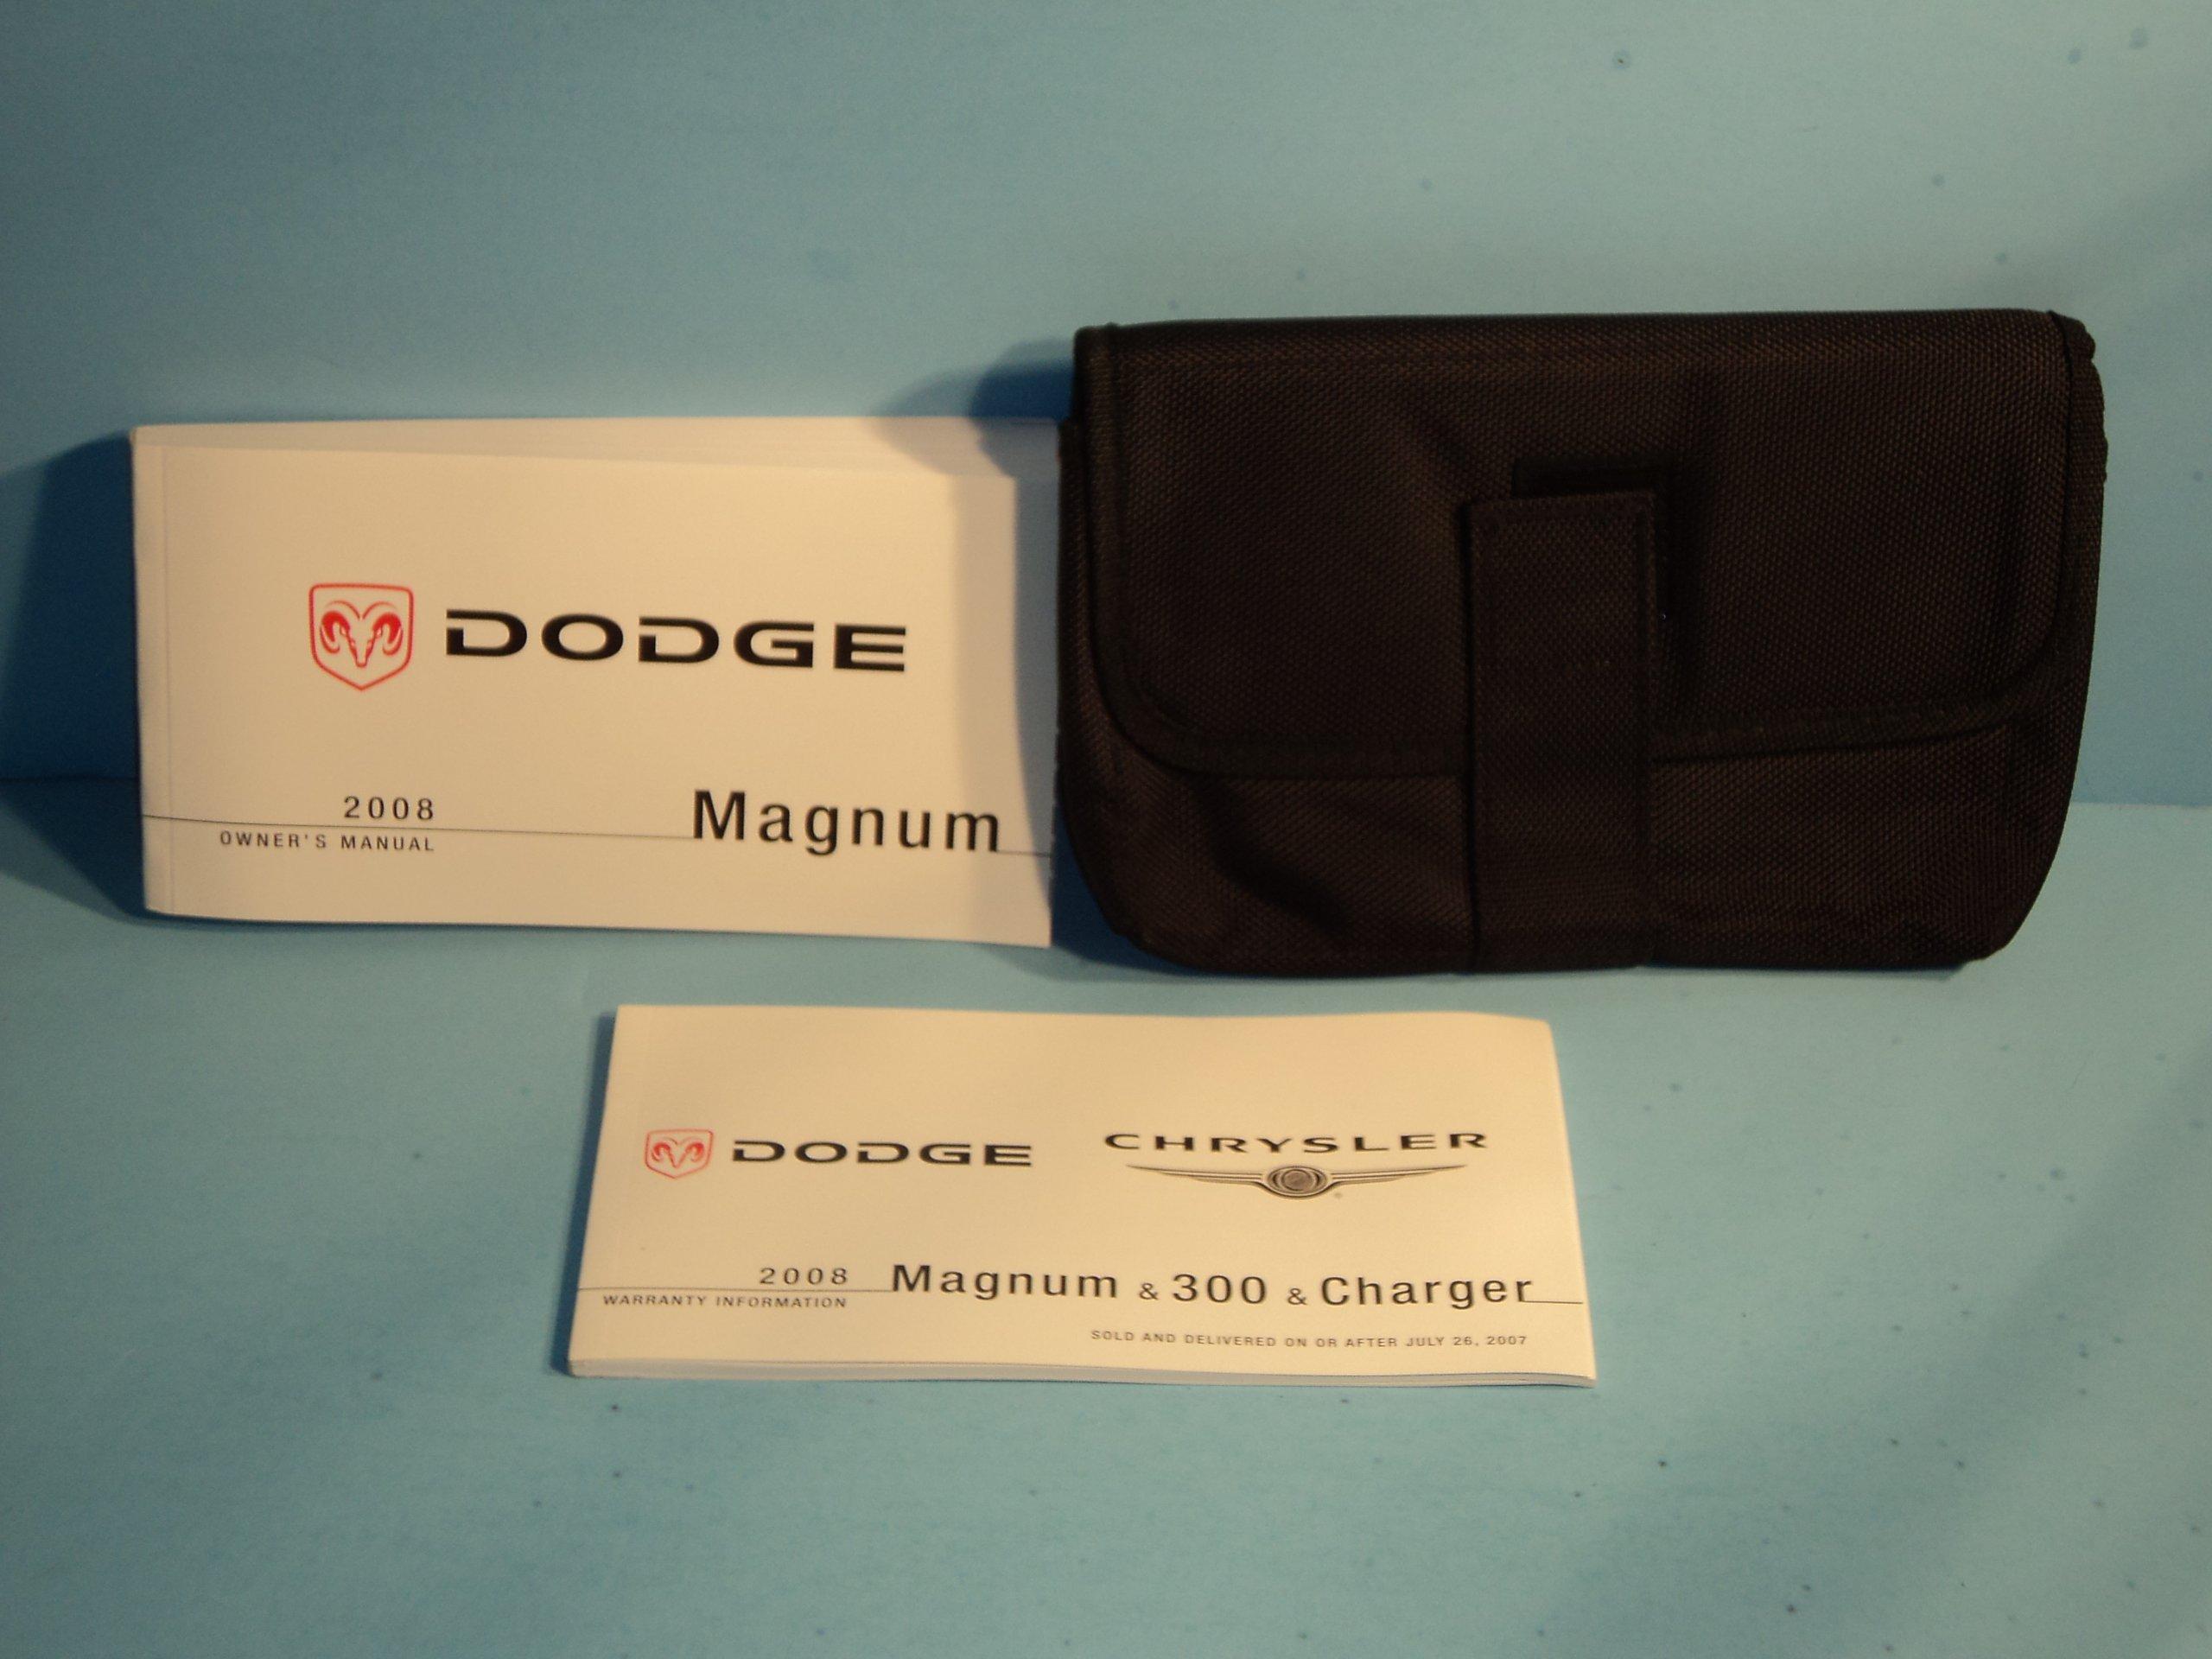 2008 dodge magnum manual